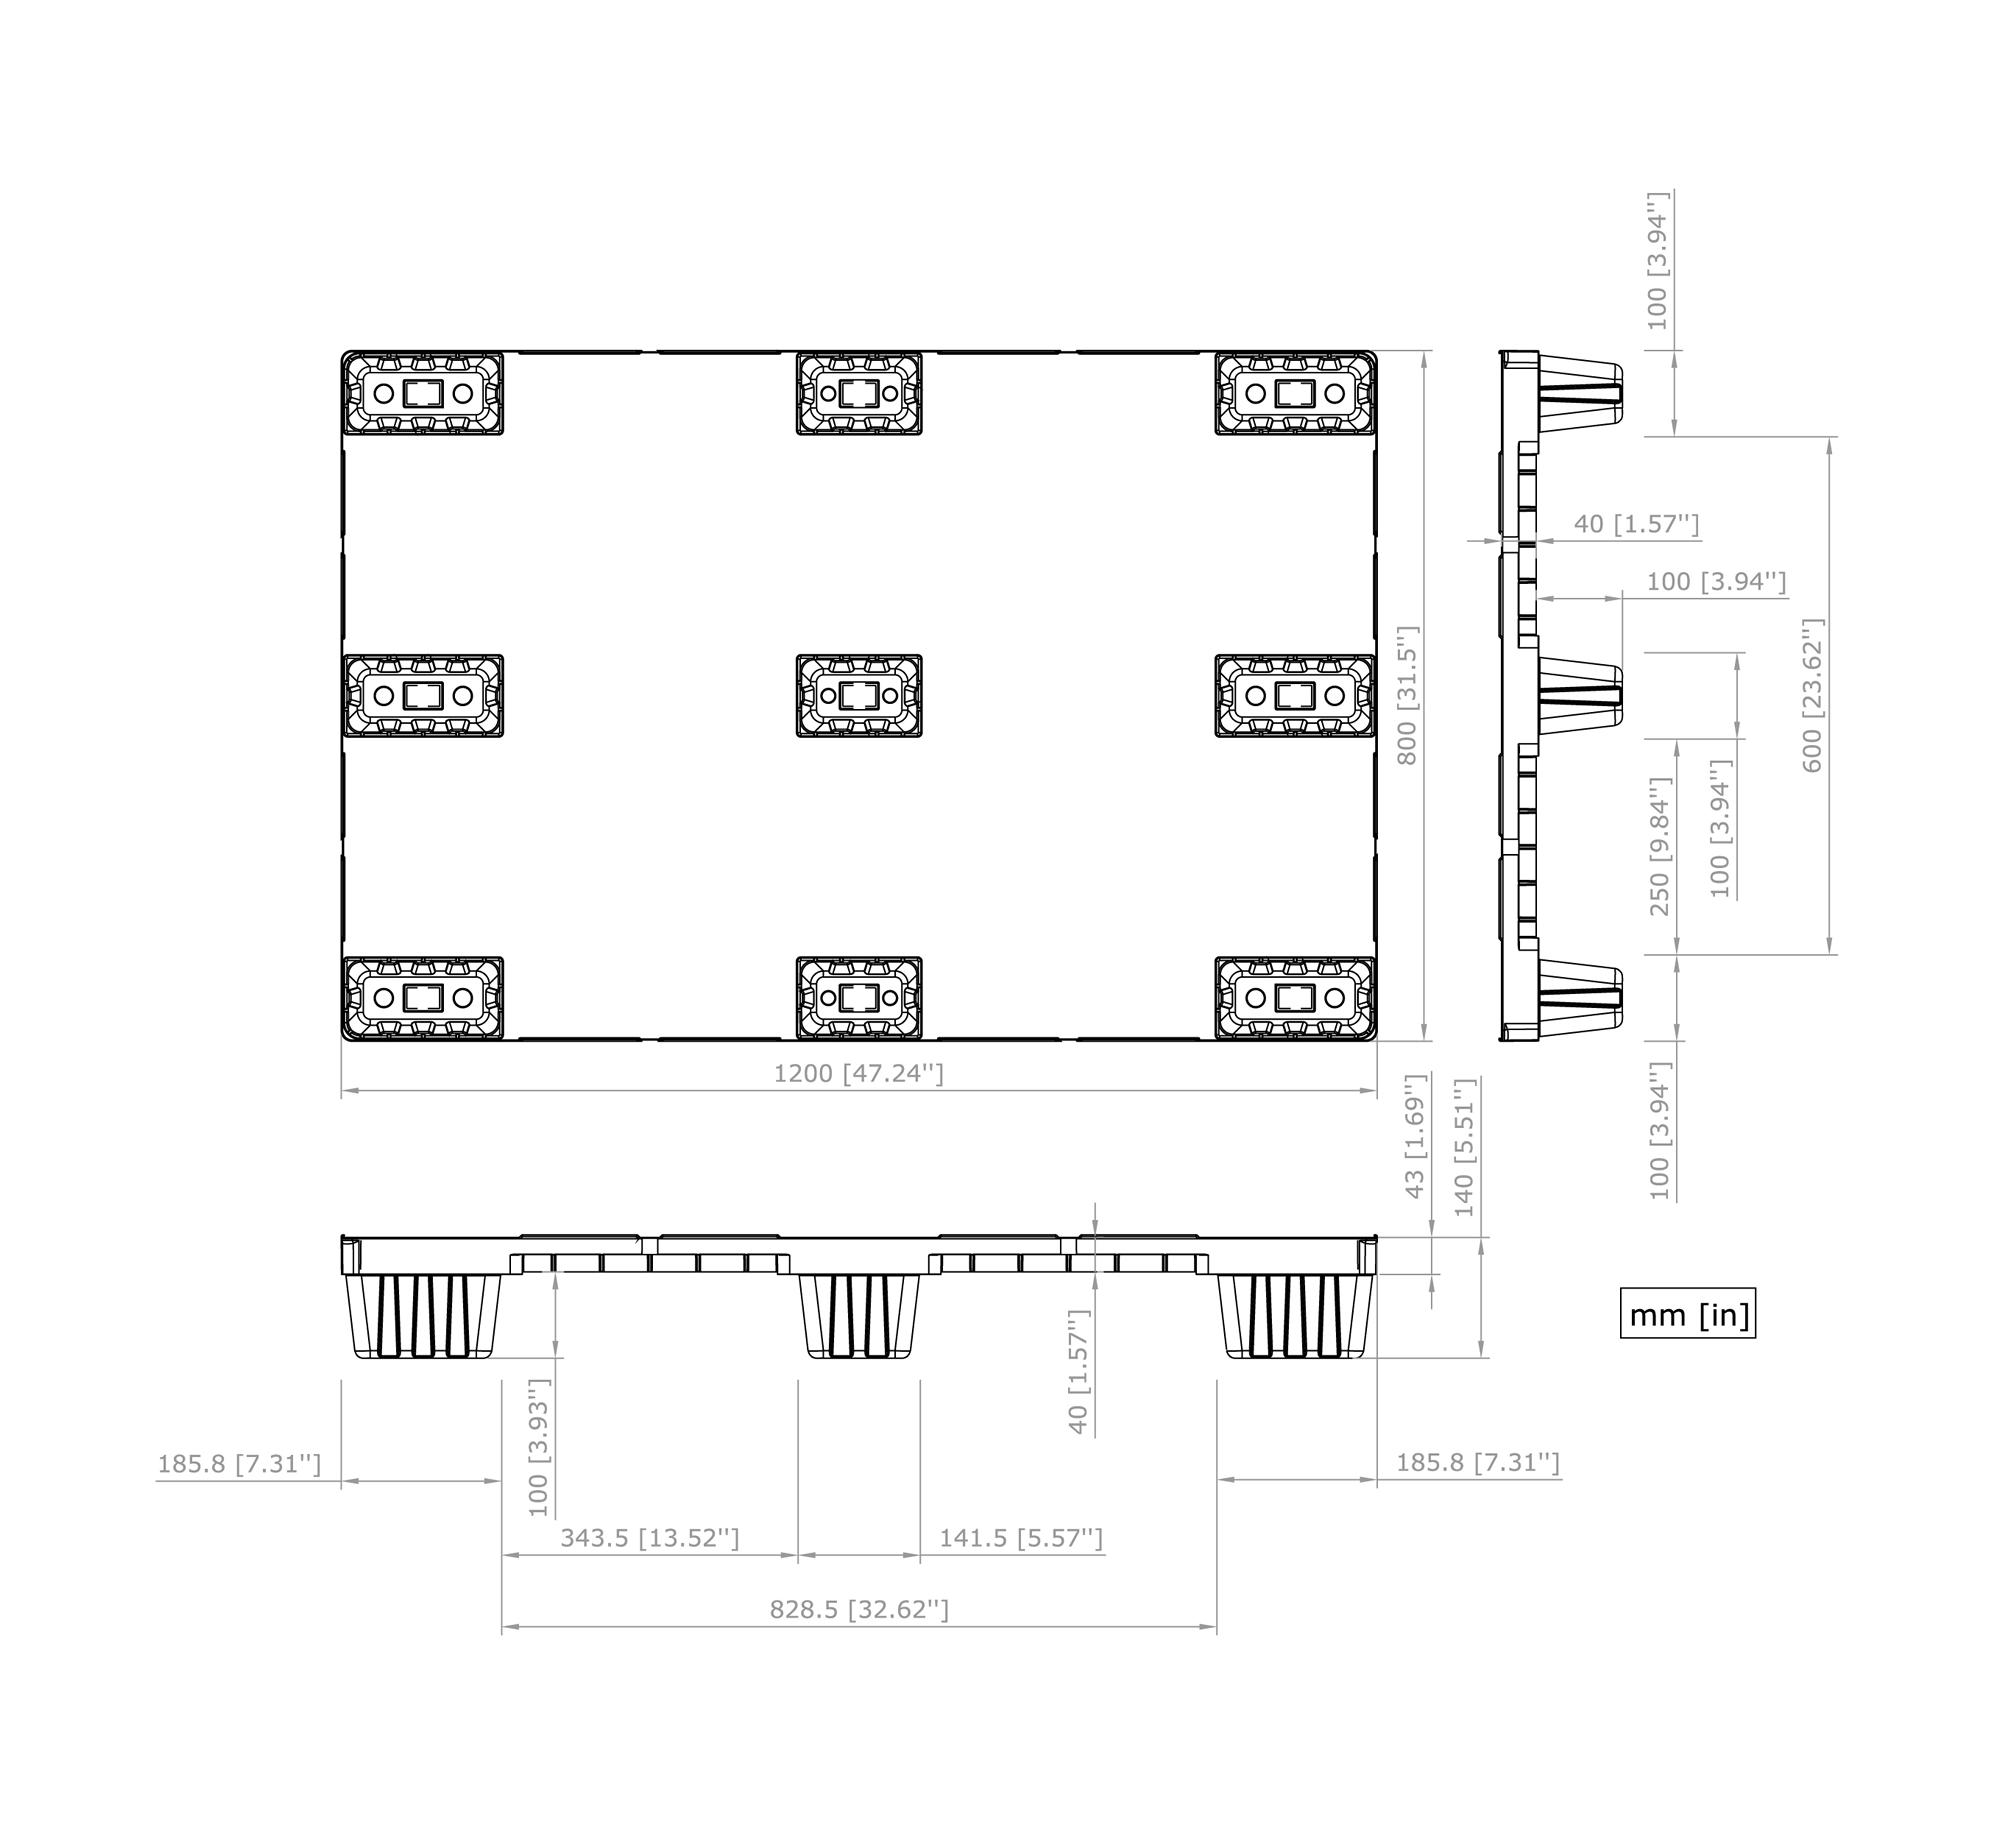 BASIC-1280-C9_esquema_1.jpg